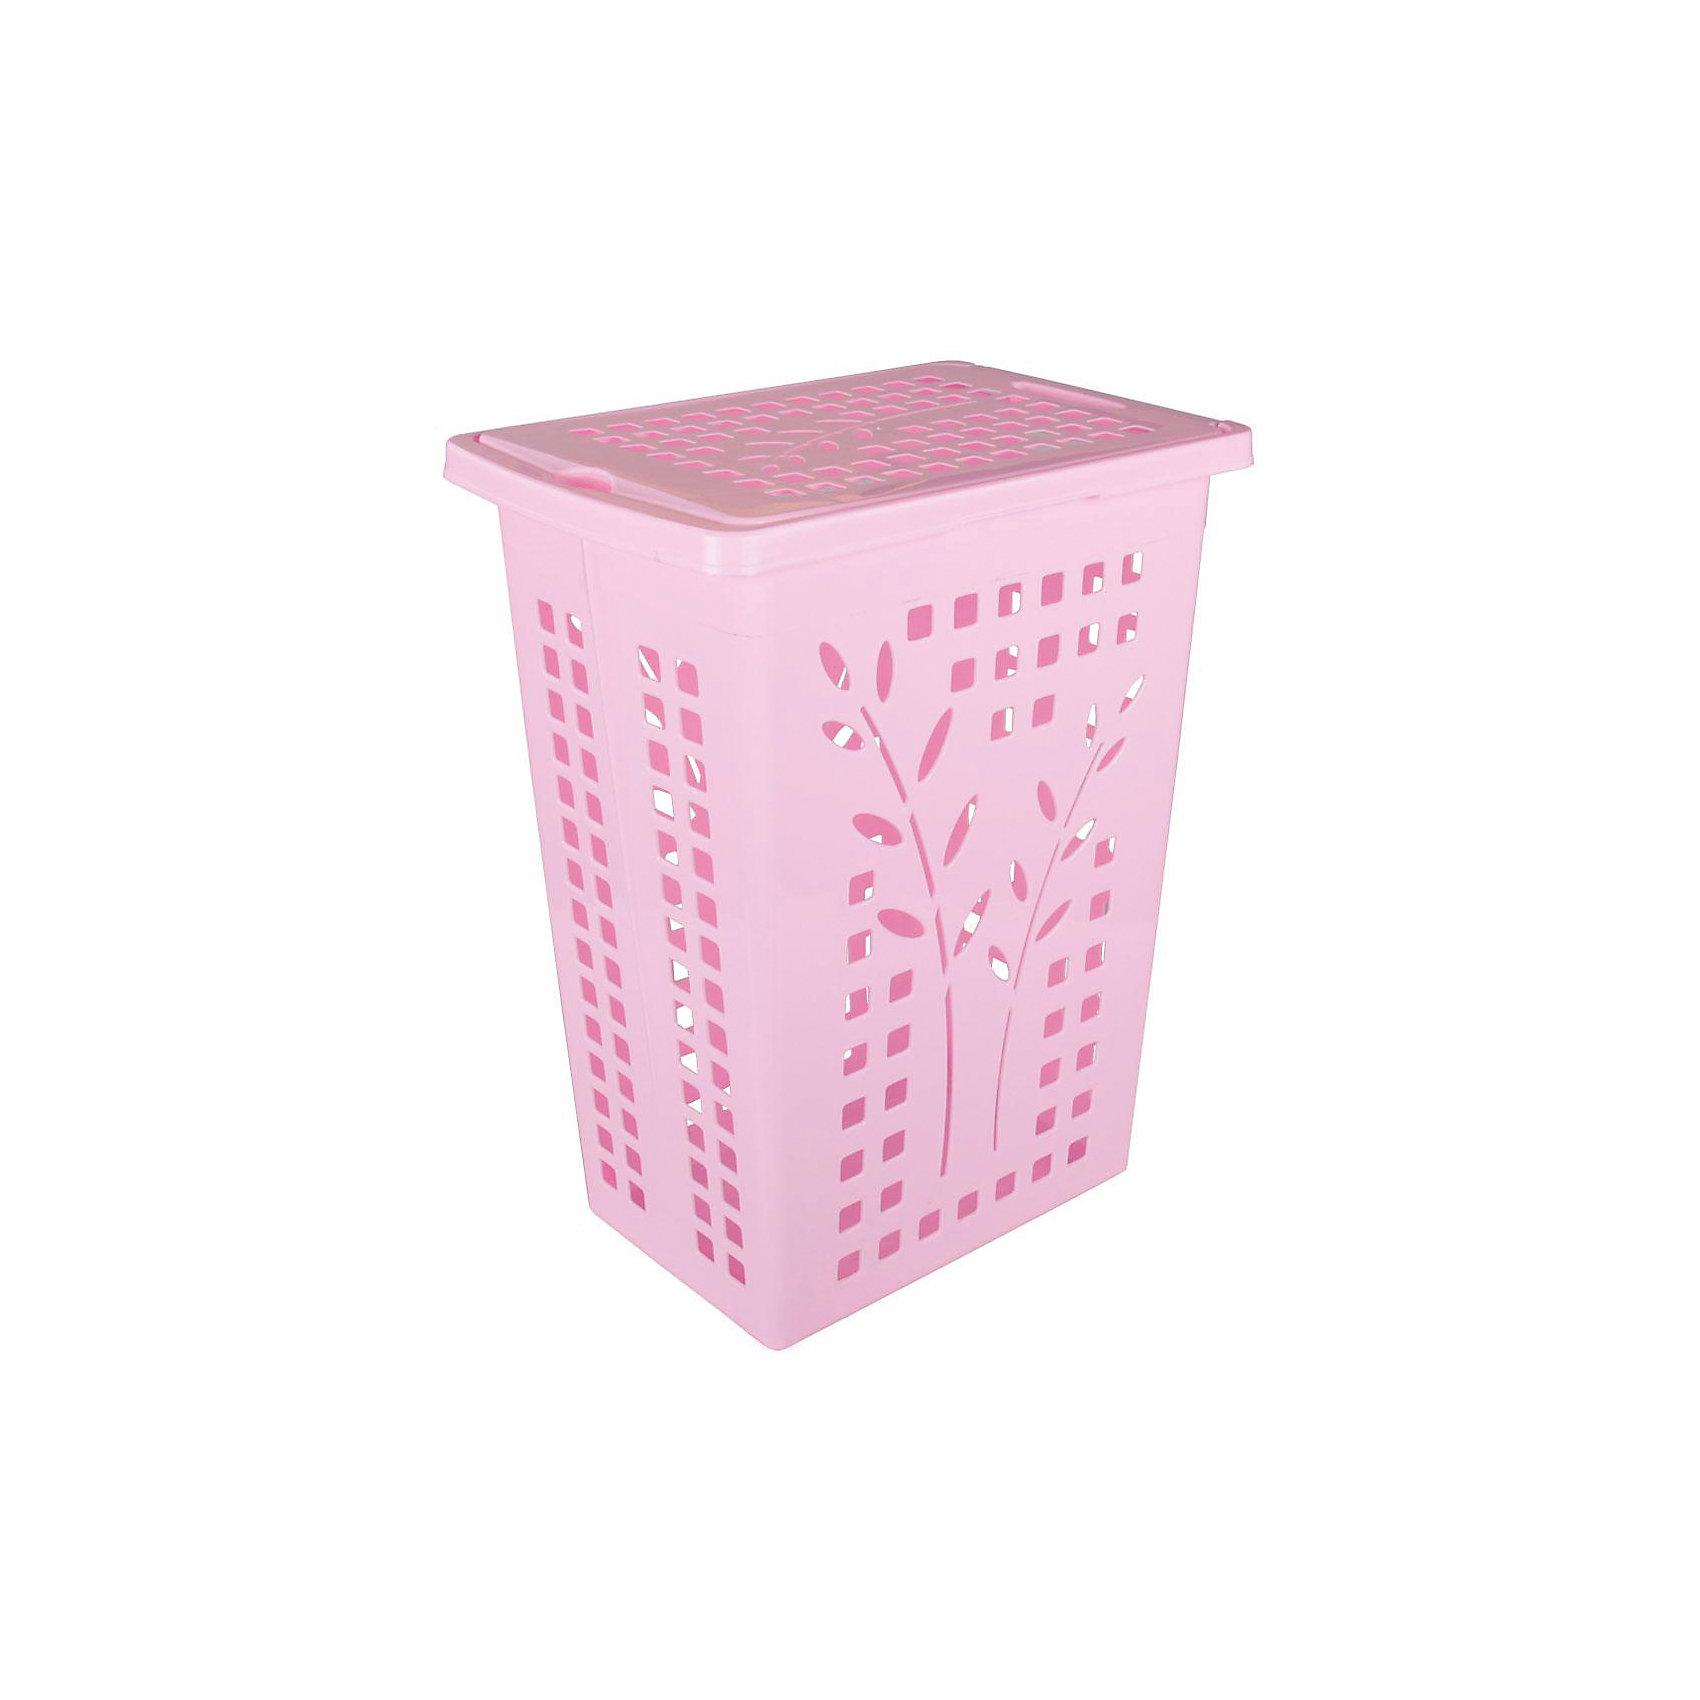 Корзина для белья 30л., Alternativa, розовыйВанная комната<br>Характеристики:<br><br>• Предназначение: для белья<br>• Материал: пластик<br>• Цвет: розовый<br>• Размер (Д*Ш*В): 37,5*25*48 см<br>• Форма: прямоугольный<br>• Объем: 30 л<br>• Наличие крышки<br>• Особенности ухода: разрешается мыть теплой водой<br><br>Корзина для белья 30 л., Alternativa, розовый изготовлена отечественным производителем ООО ЗПИ Альтернатива, который специализируется на выпуске широкого спектра изделий из пластика. Корзина выполнена из экологически безопасного пластика, устойчивого к механическим повреждениям, корпус оформлен рисунком из отверстий в форме квадратов и ветками с листочками, которые обеспечивают циркуляцию воздуха, в комплекте предусмотрена крышка. Изделие имеет удобную форму, достаточно легкое в уходе. Корзину для белья 30 л., Alternativa, розовую можно использовать не только для белья, но и для хранения игрушек.<br><br>Корзину для белья 30 л., Alternativa, розовую можно купить в нашем интернет-магазине.<br><br>Ширина мм: 375<br>Глубина мм: 250<br>Высота мм: 480<br>Вес г: 796<br>Возраст от месяцев: -2147483648<br>Возраст до месяцев: 2147483647<br>Пол: Женский<br>Возраст: Детский<br>SKU: 5096618